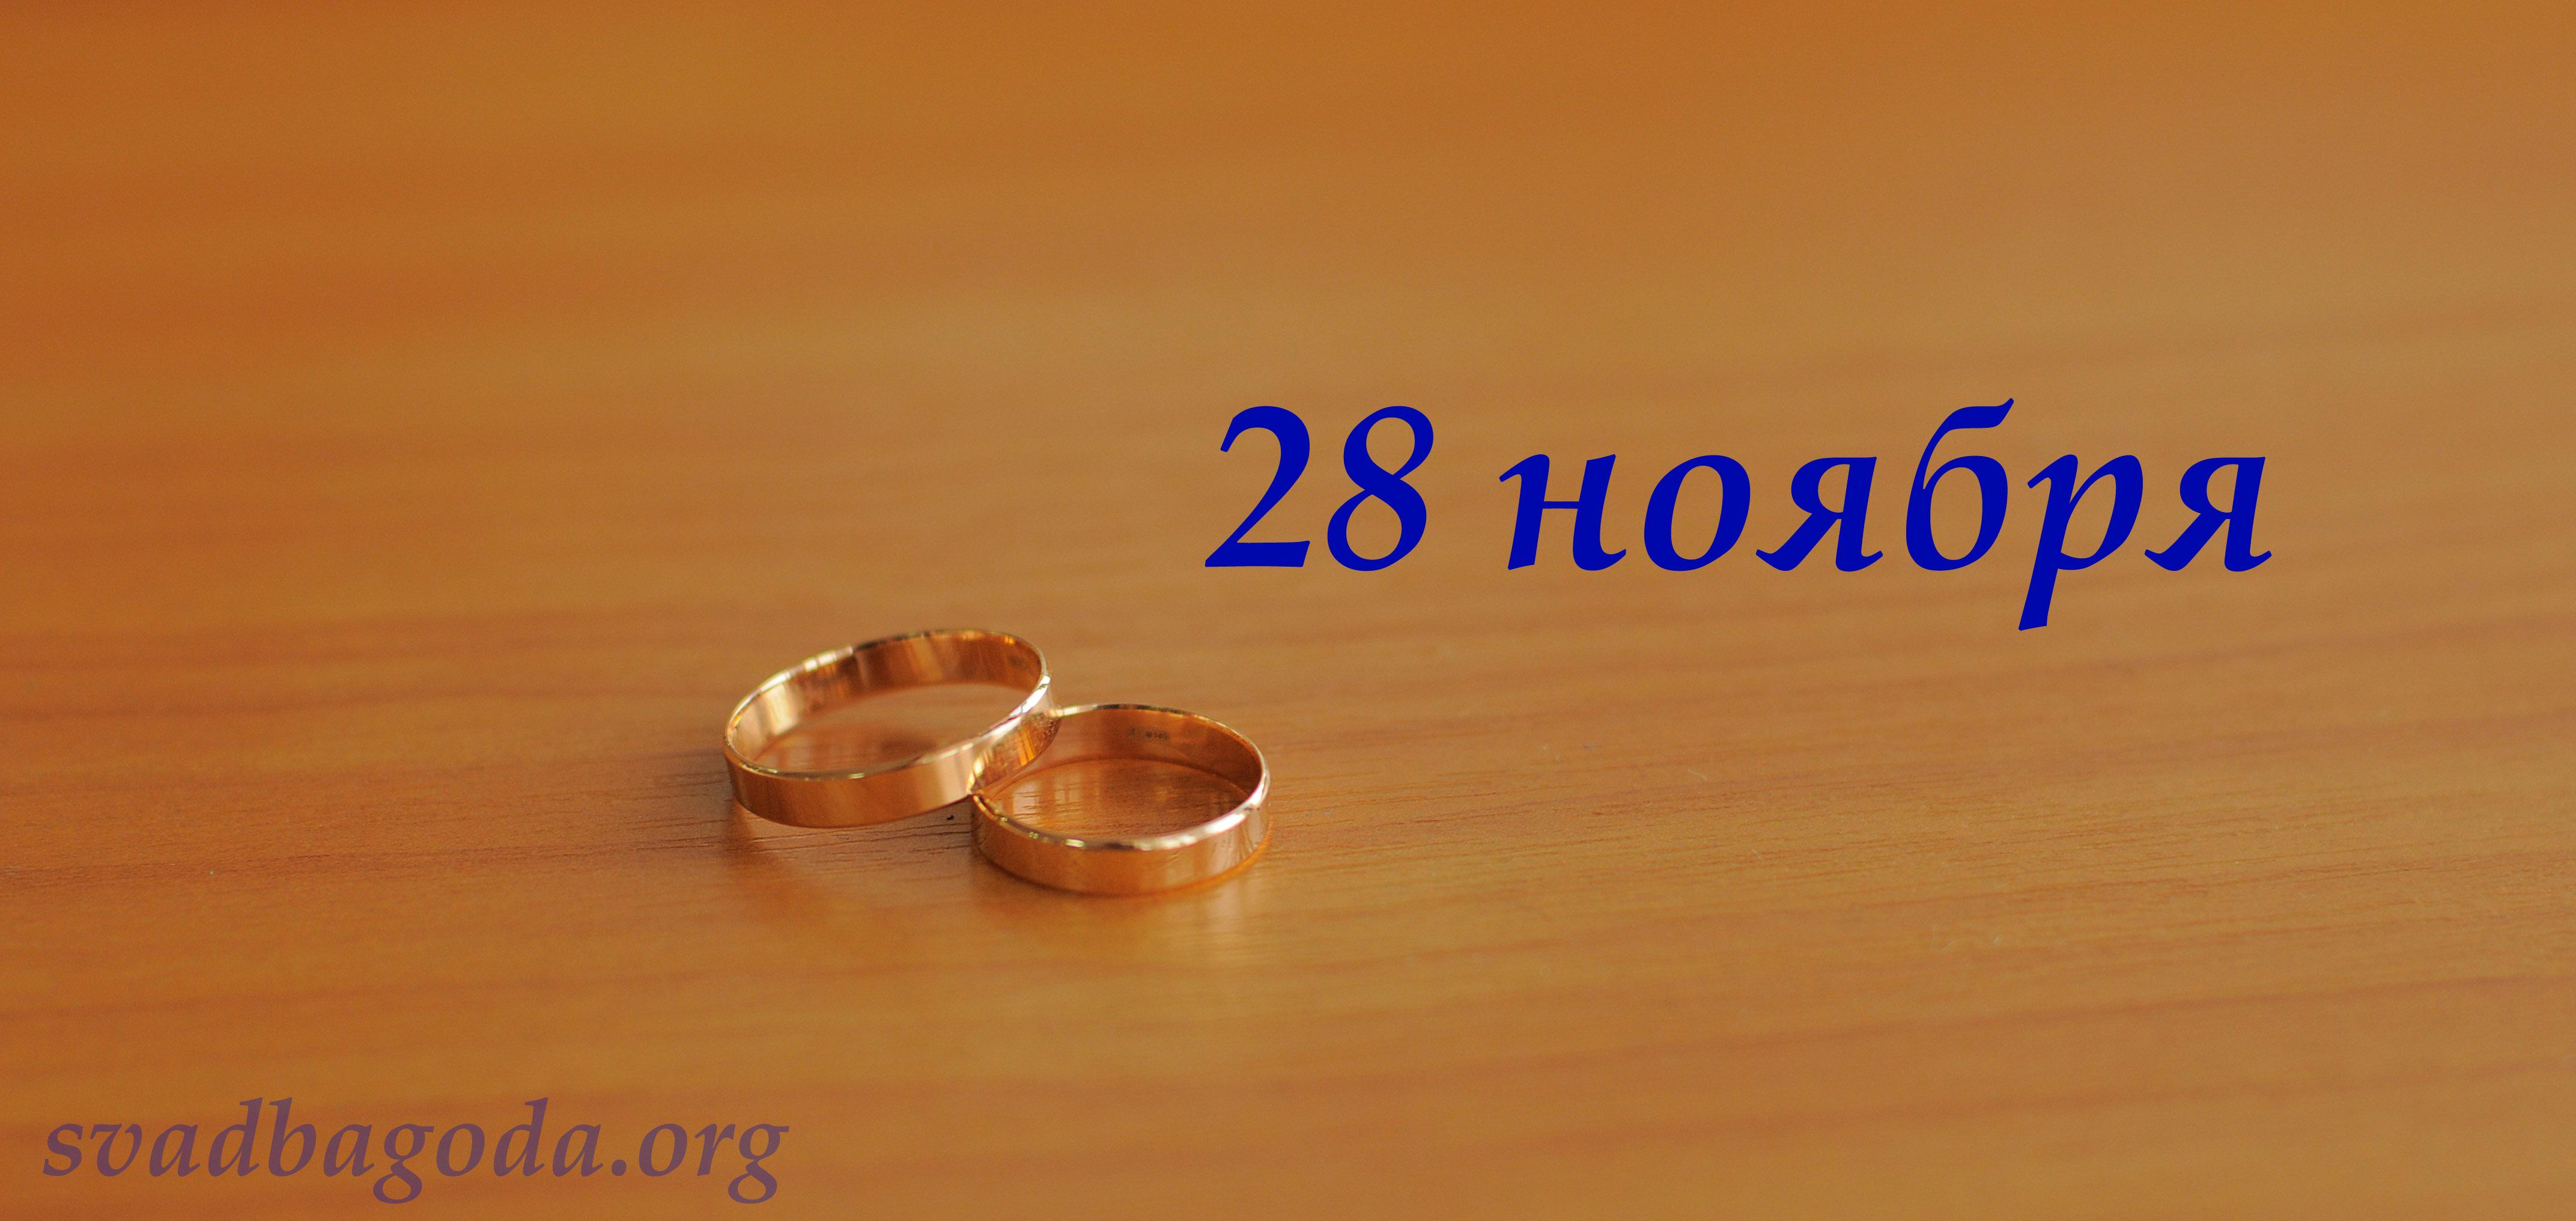 свадьба 28 ноября